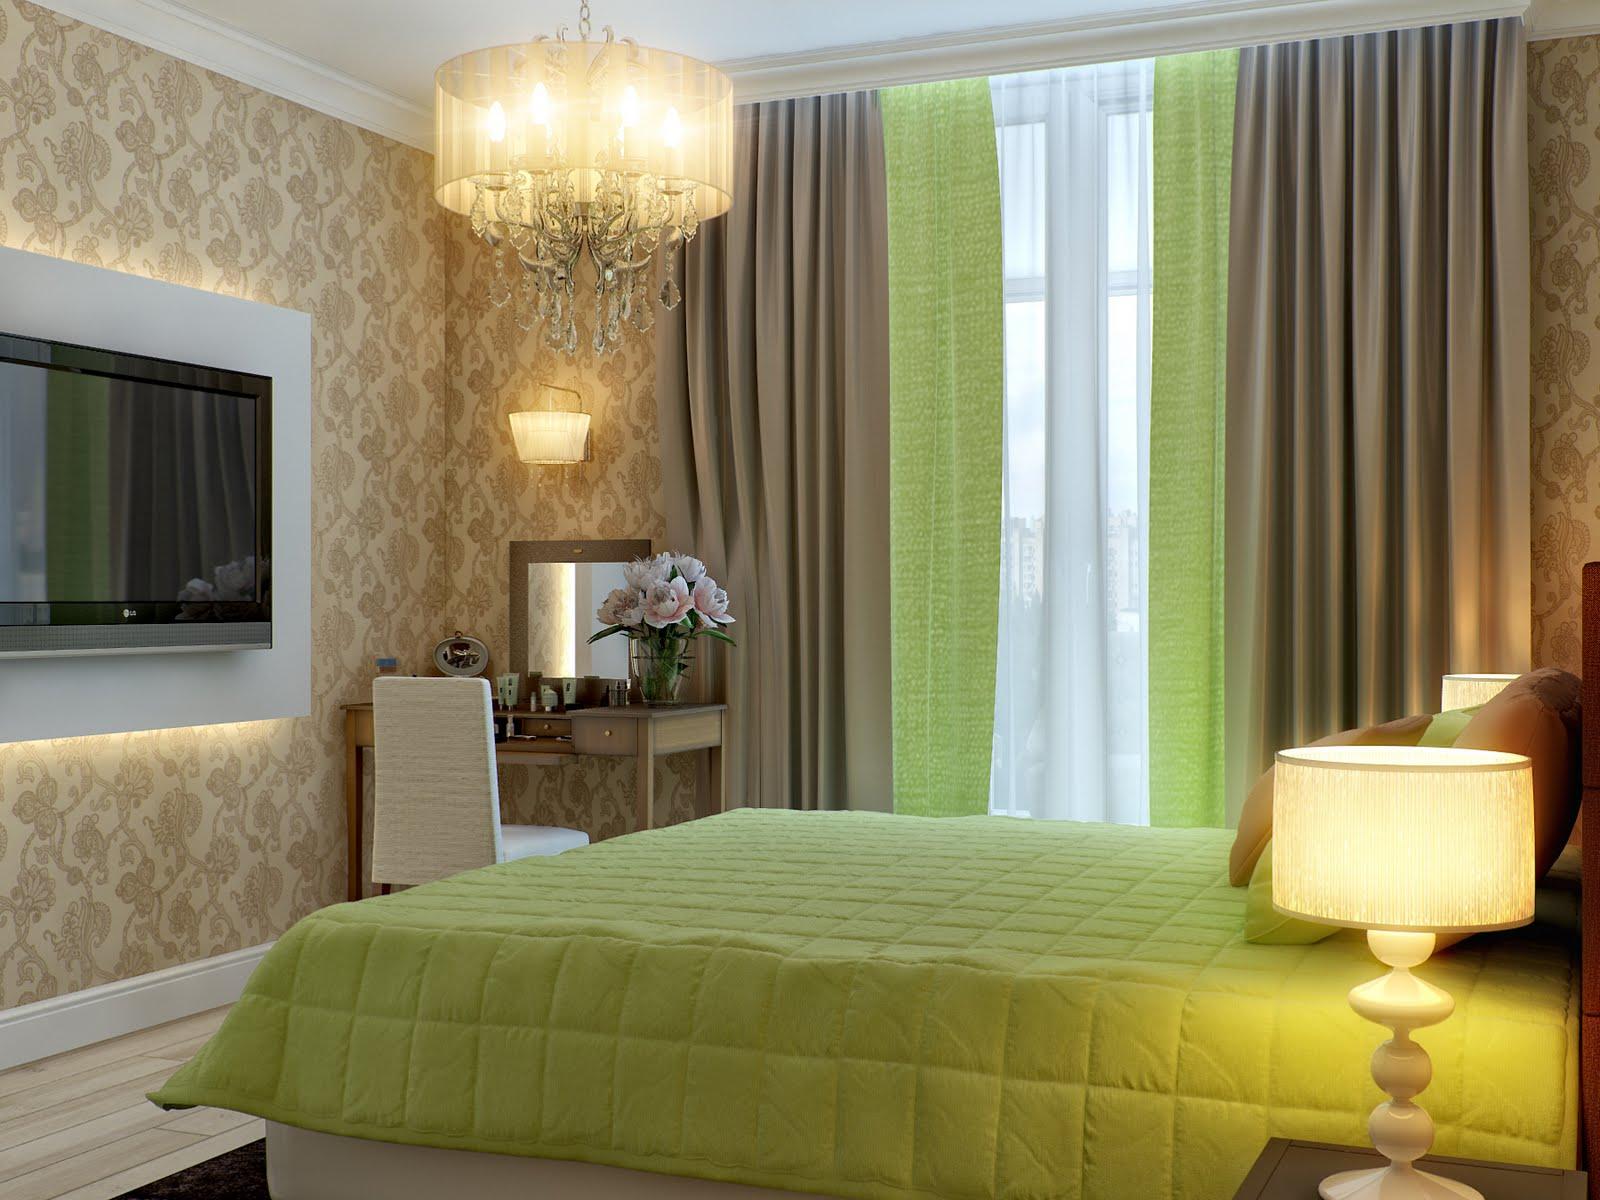 Зеленые занавески в интерьере фото